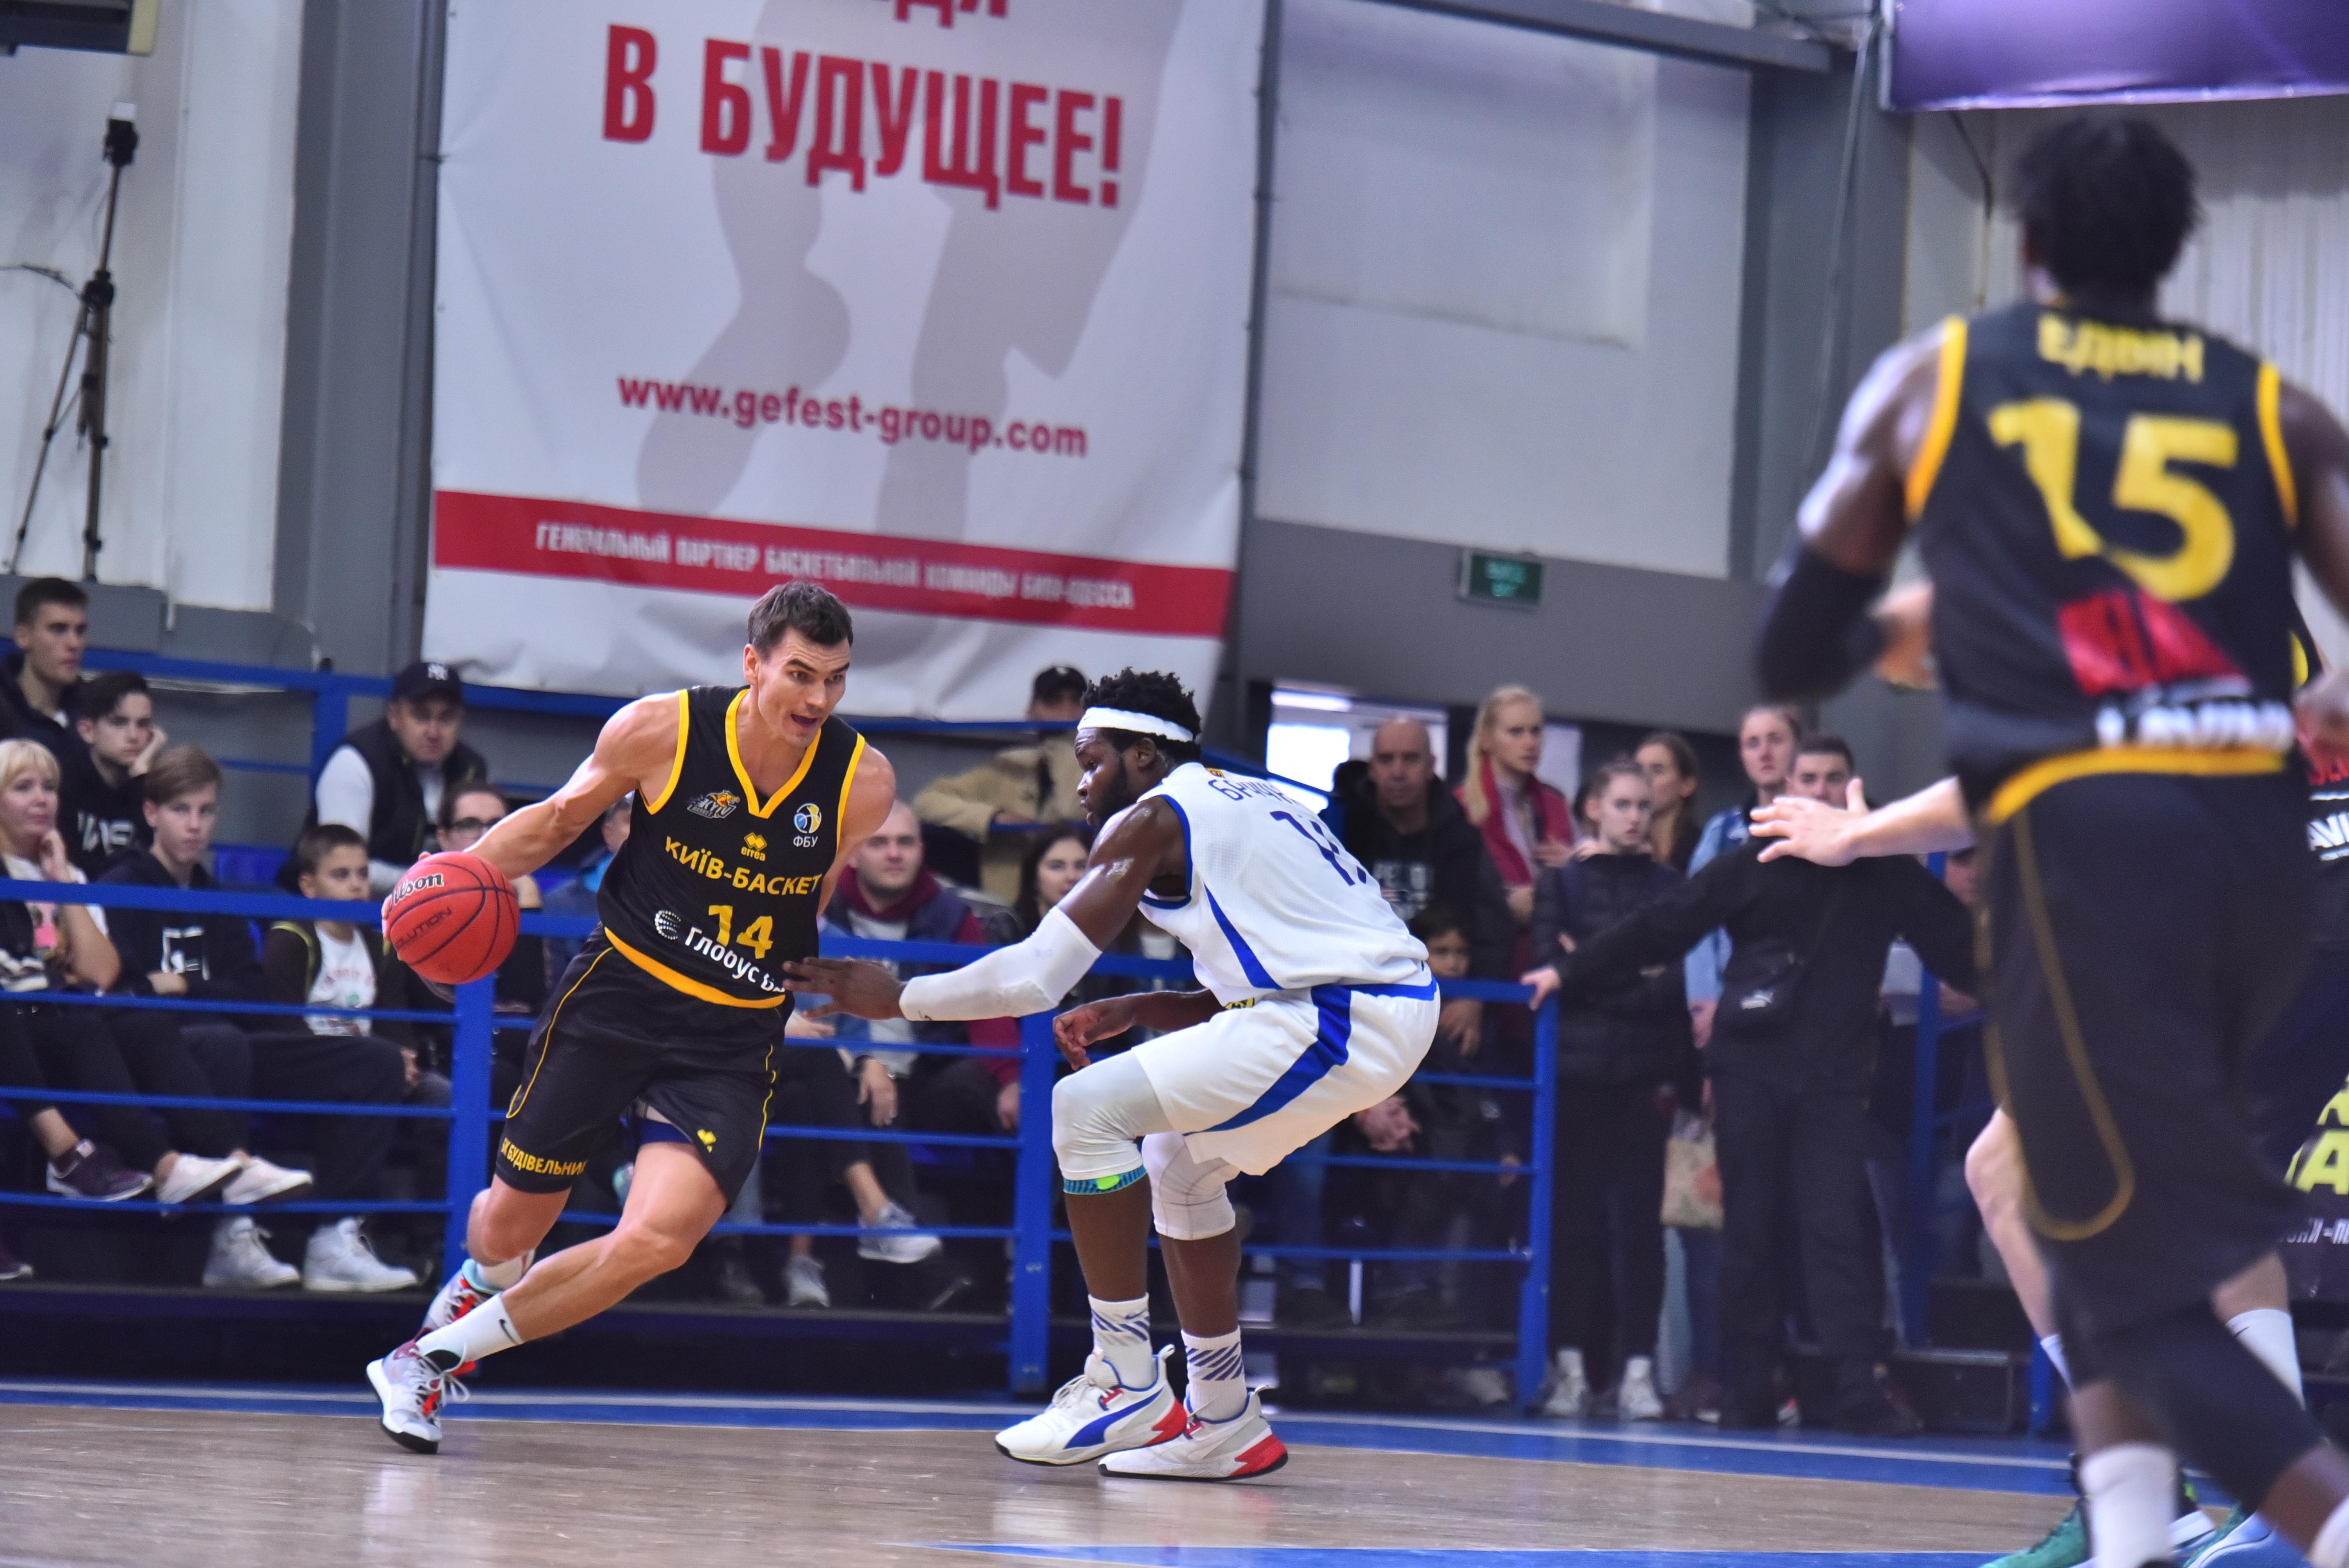 Одесити у матчі з Київ-Баскетом показали найгіршу результативність у сезоні